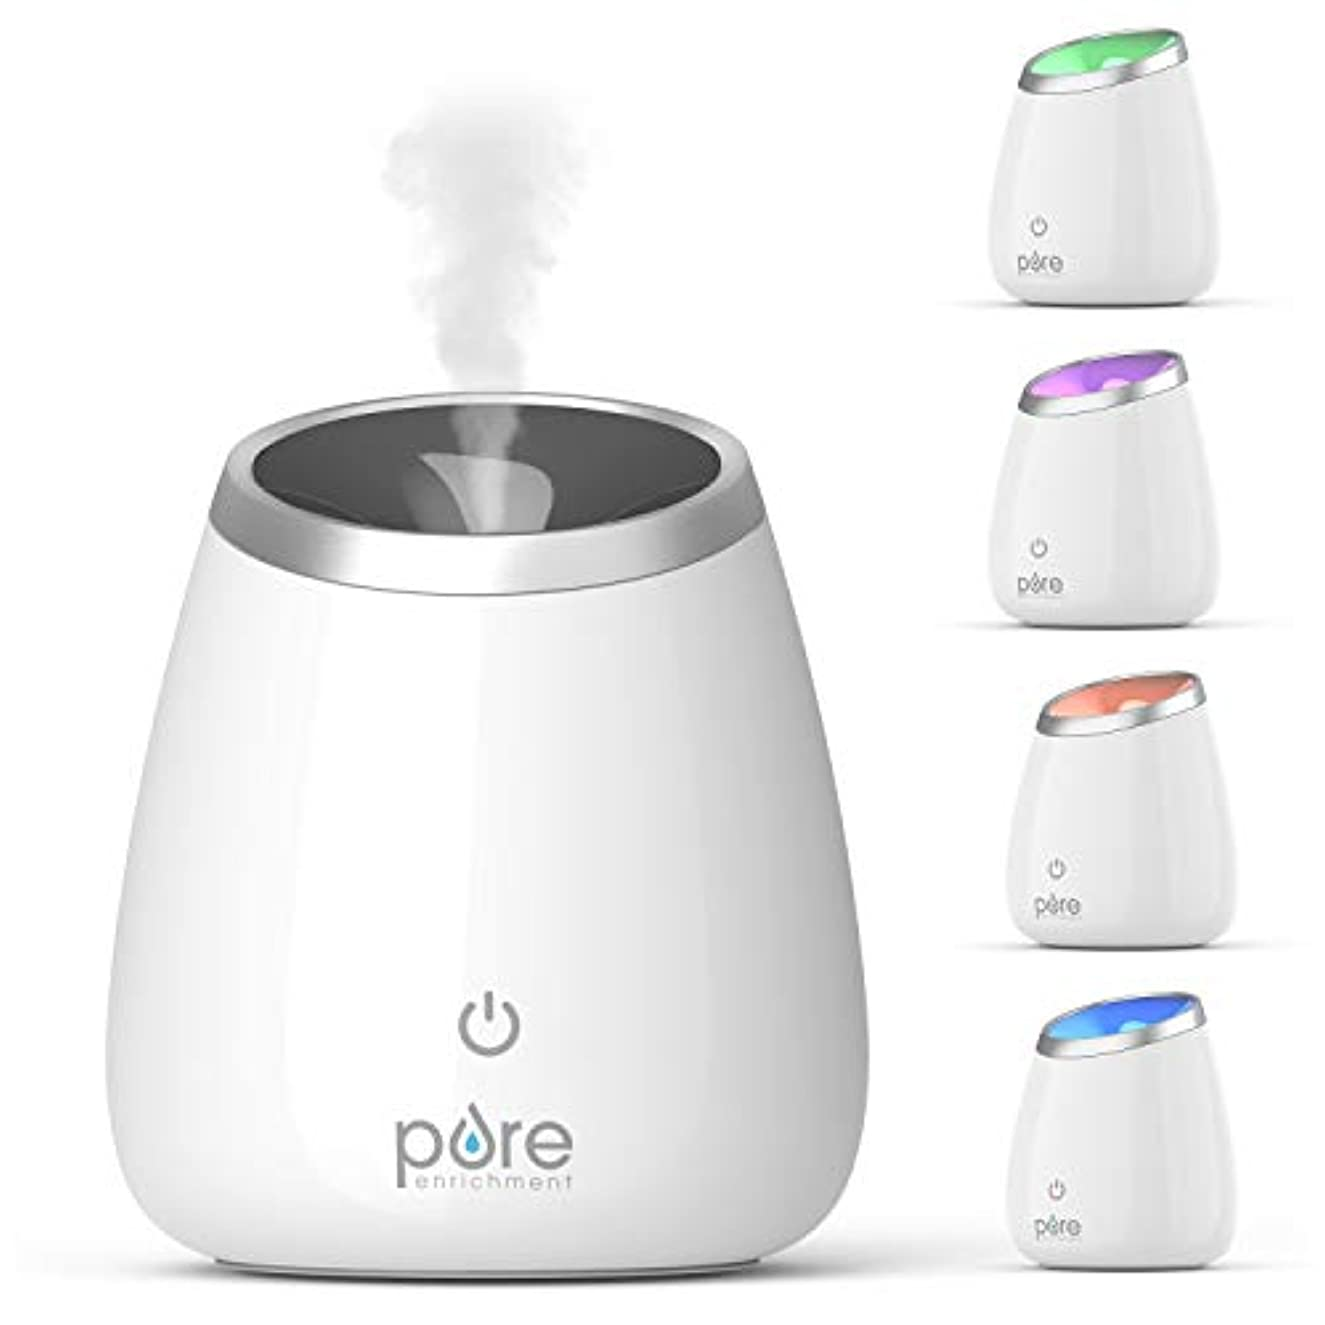 キャンベラ間接的先住民Pure Enrichment PureSpa Deluxe Ultrasonic Aromatherapy Oil Diffuser - 120ml Water Tank, Mood-Boosting Ionizer...